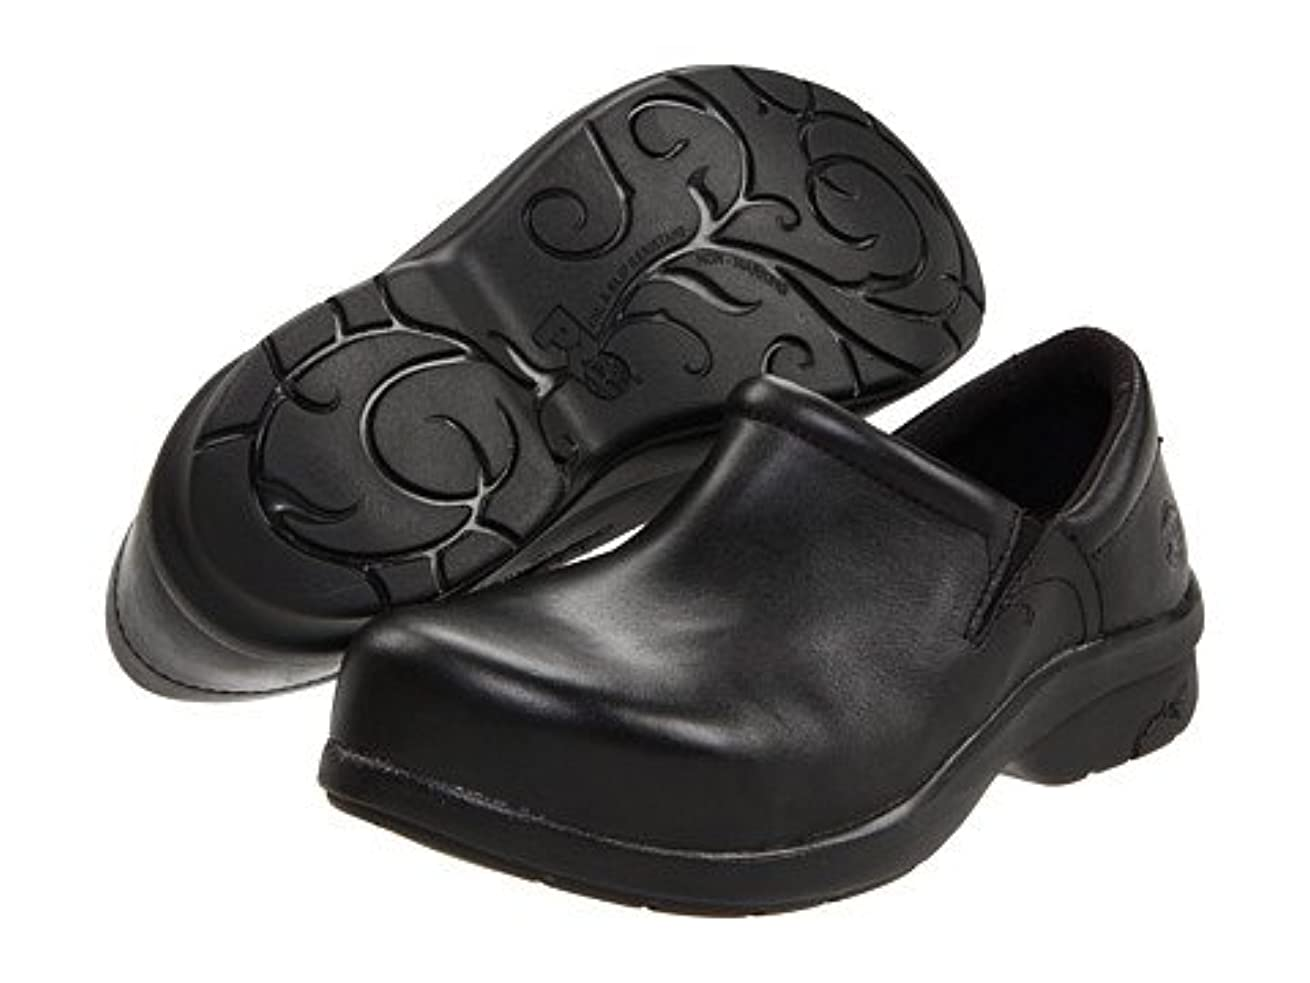 幅コピー収縮レディースウォーキングシューズ?カジュアルスニーカー?靴 Newbury ESD Alloy Toe Black 7.5 24.5cm D - Wide [並行輸入品]